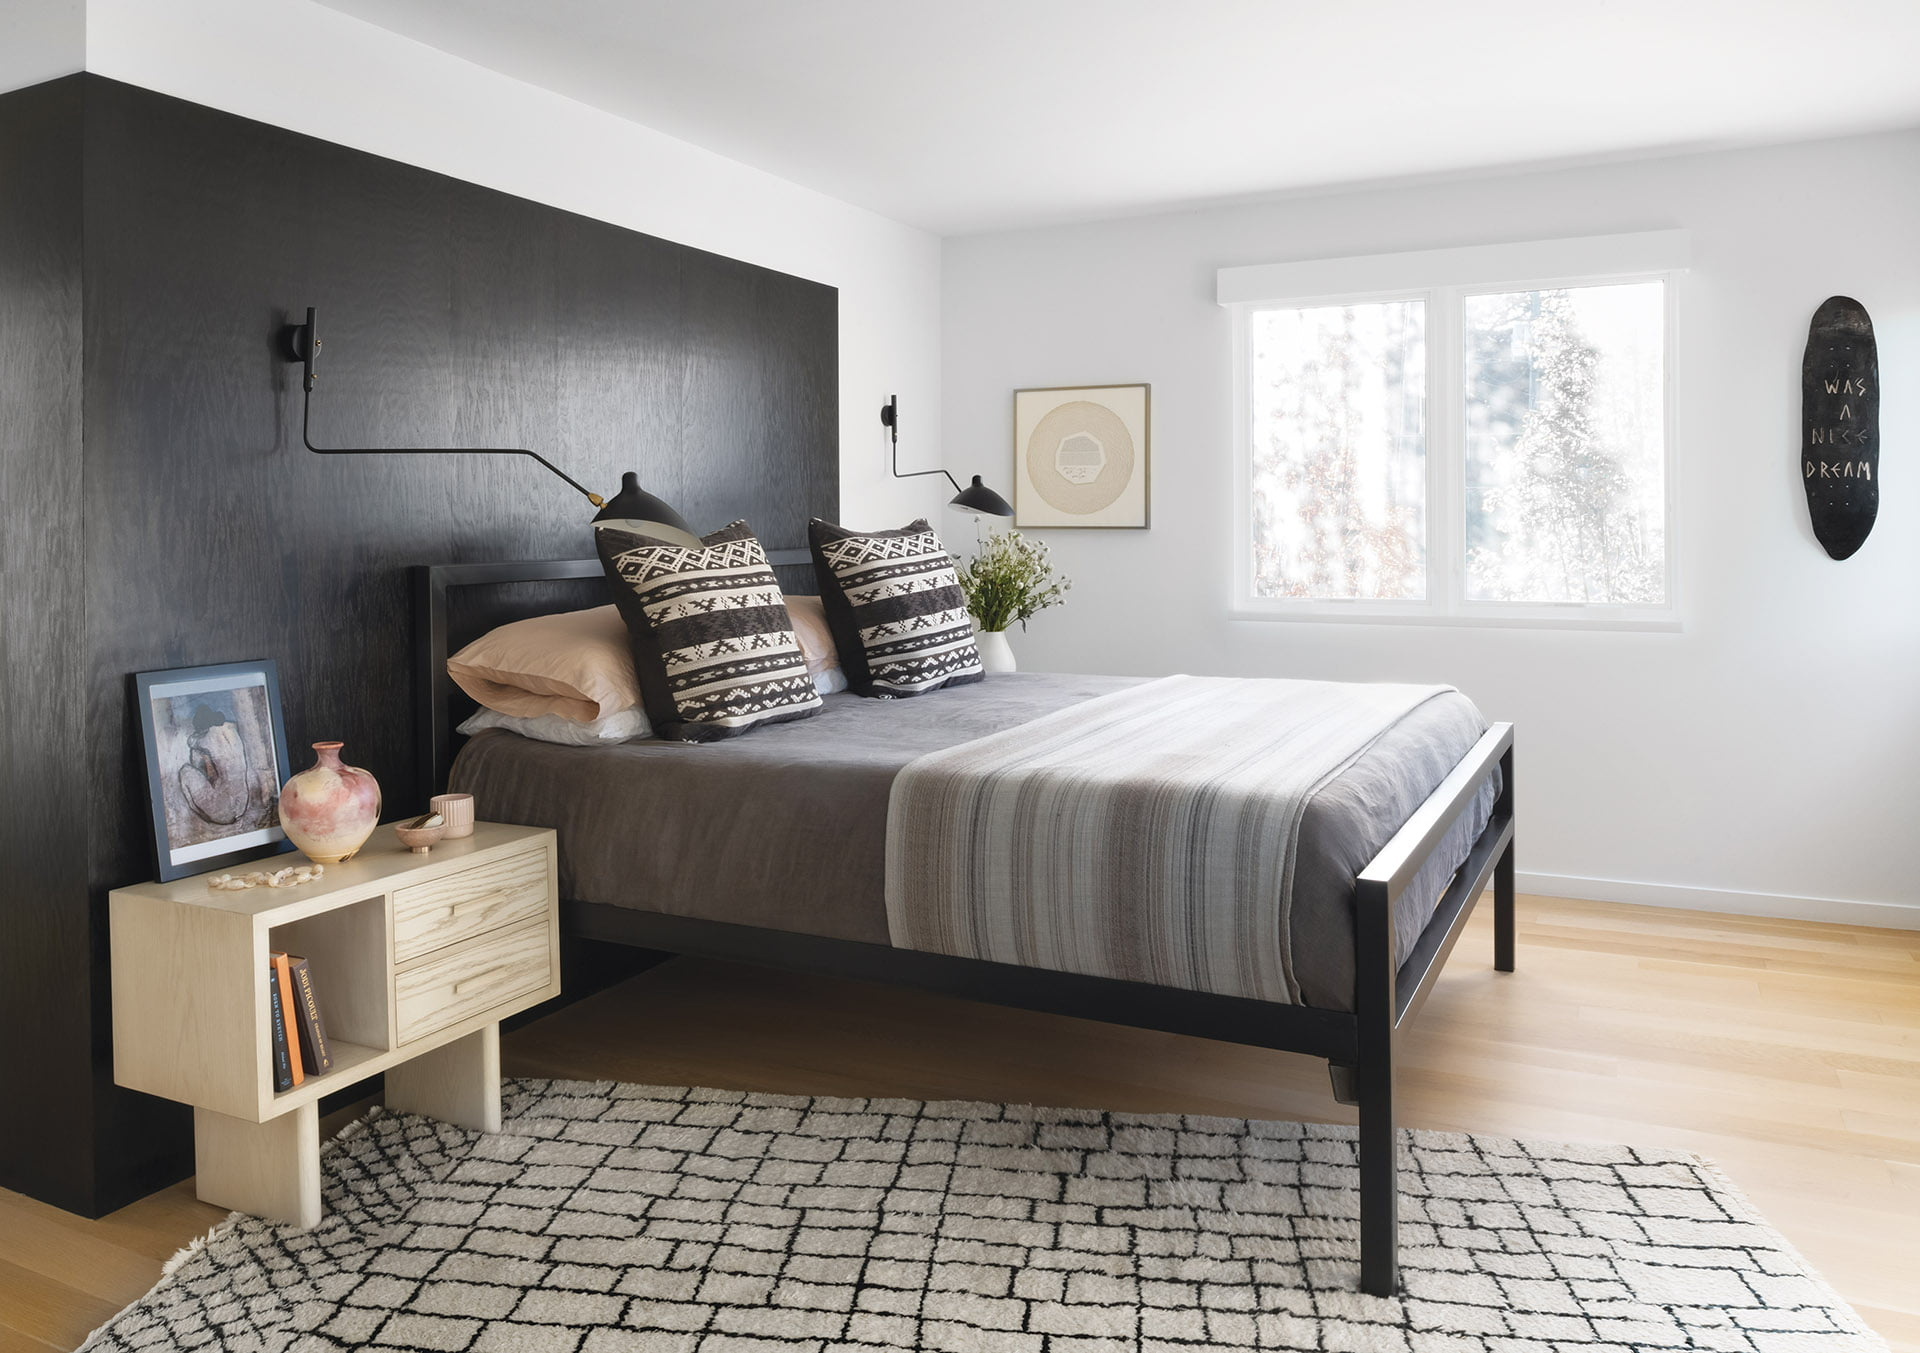 黑色桦木面板房间和董事会床铺后面的墙壁和劳动队的床位躺在业主套房。